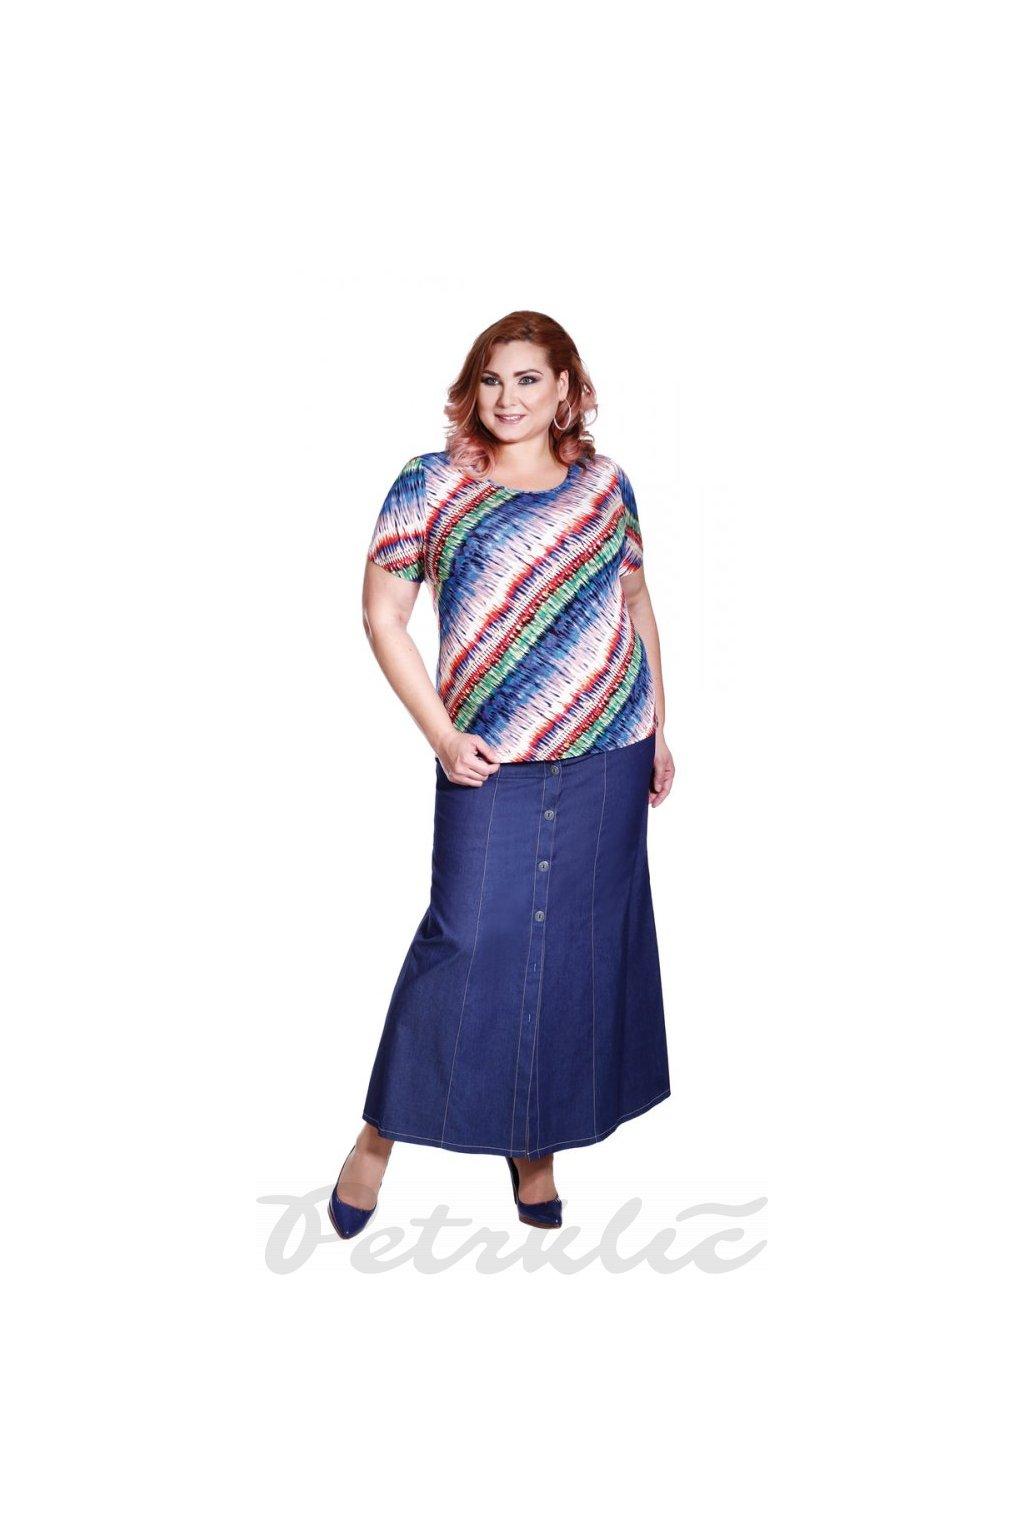 NAĎA - propínací sukně 80 - 85 cm